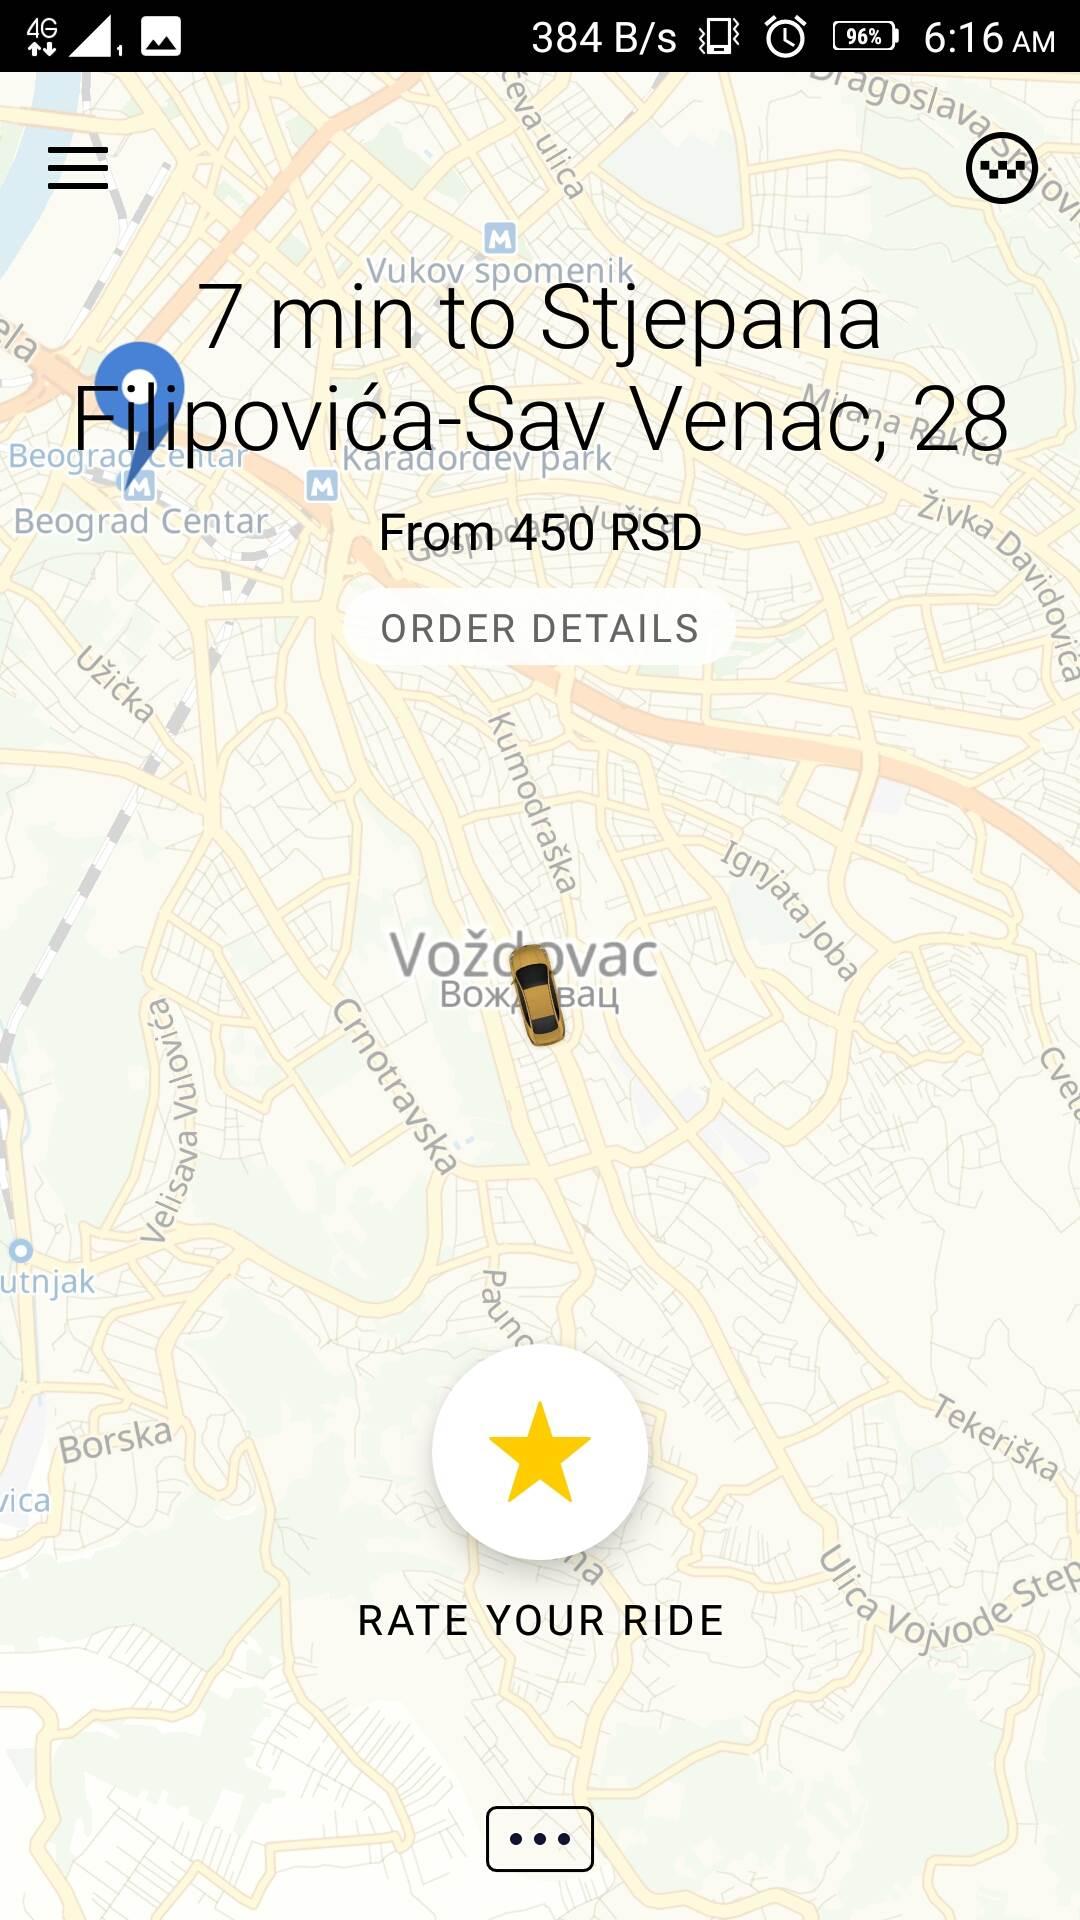 Prvi put Yandexom u kafananje